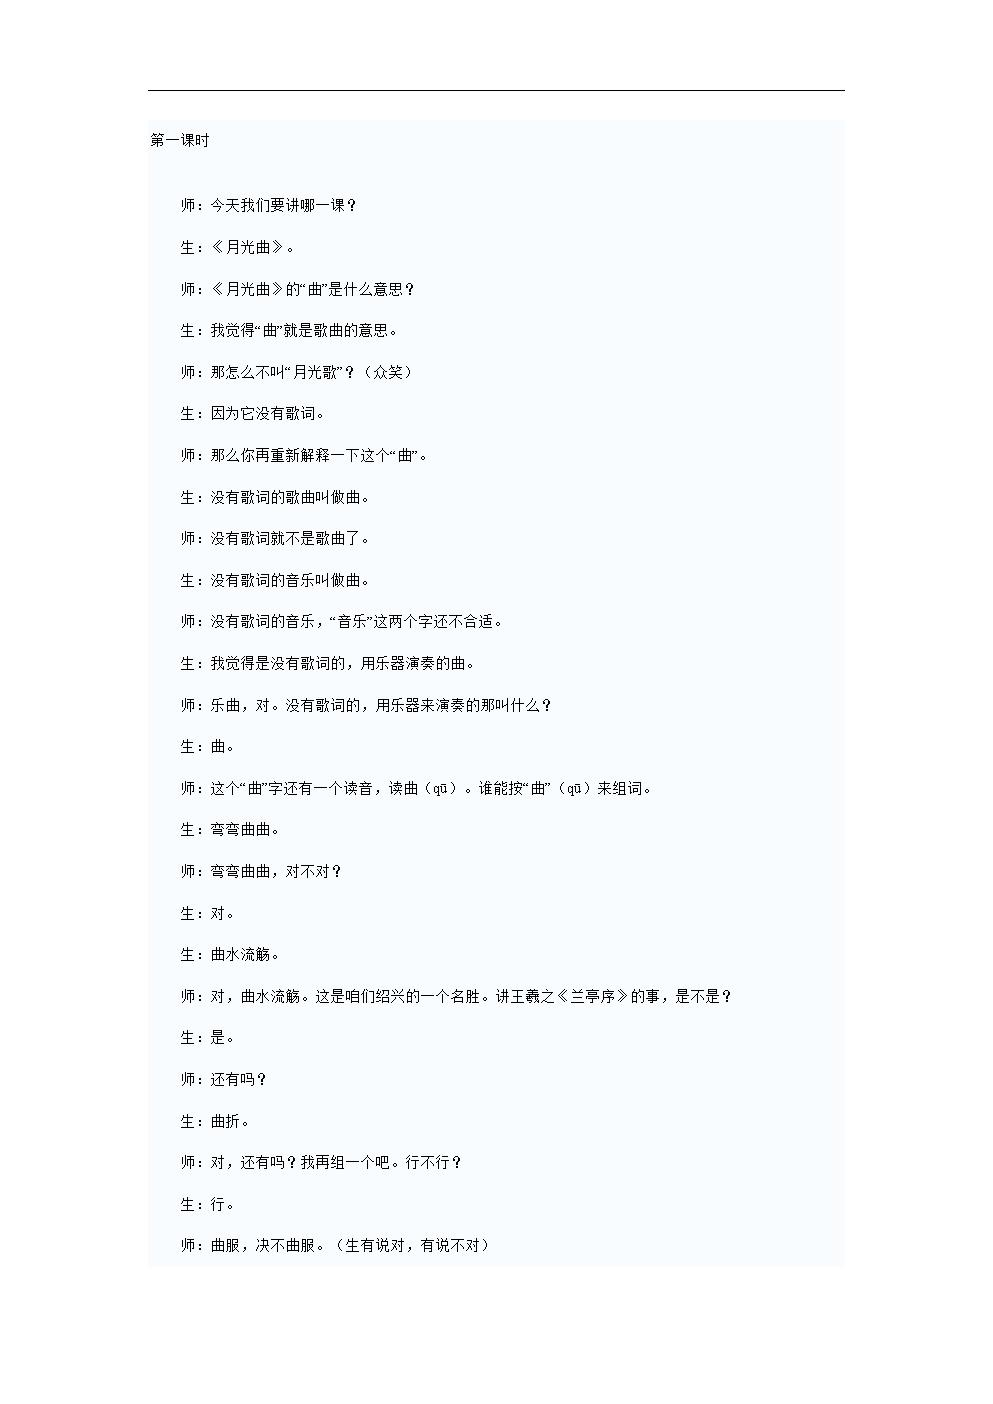 教版语文五上 月光曲 word教学设计 .doc